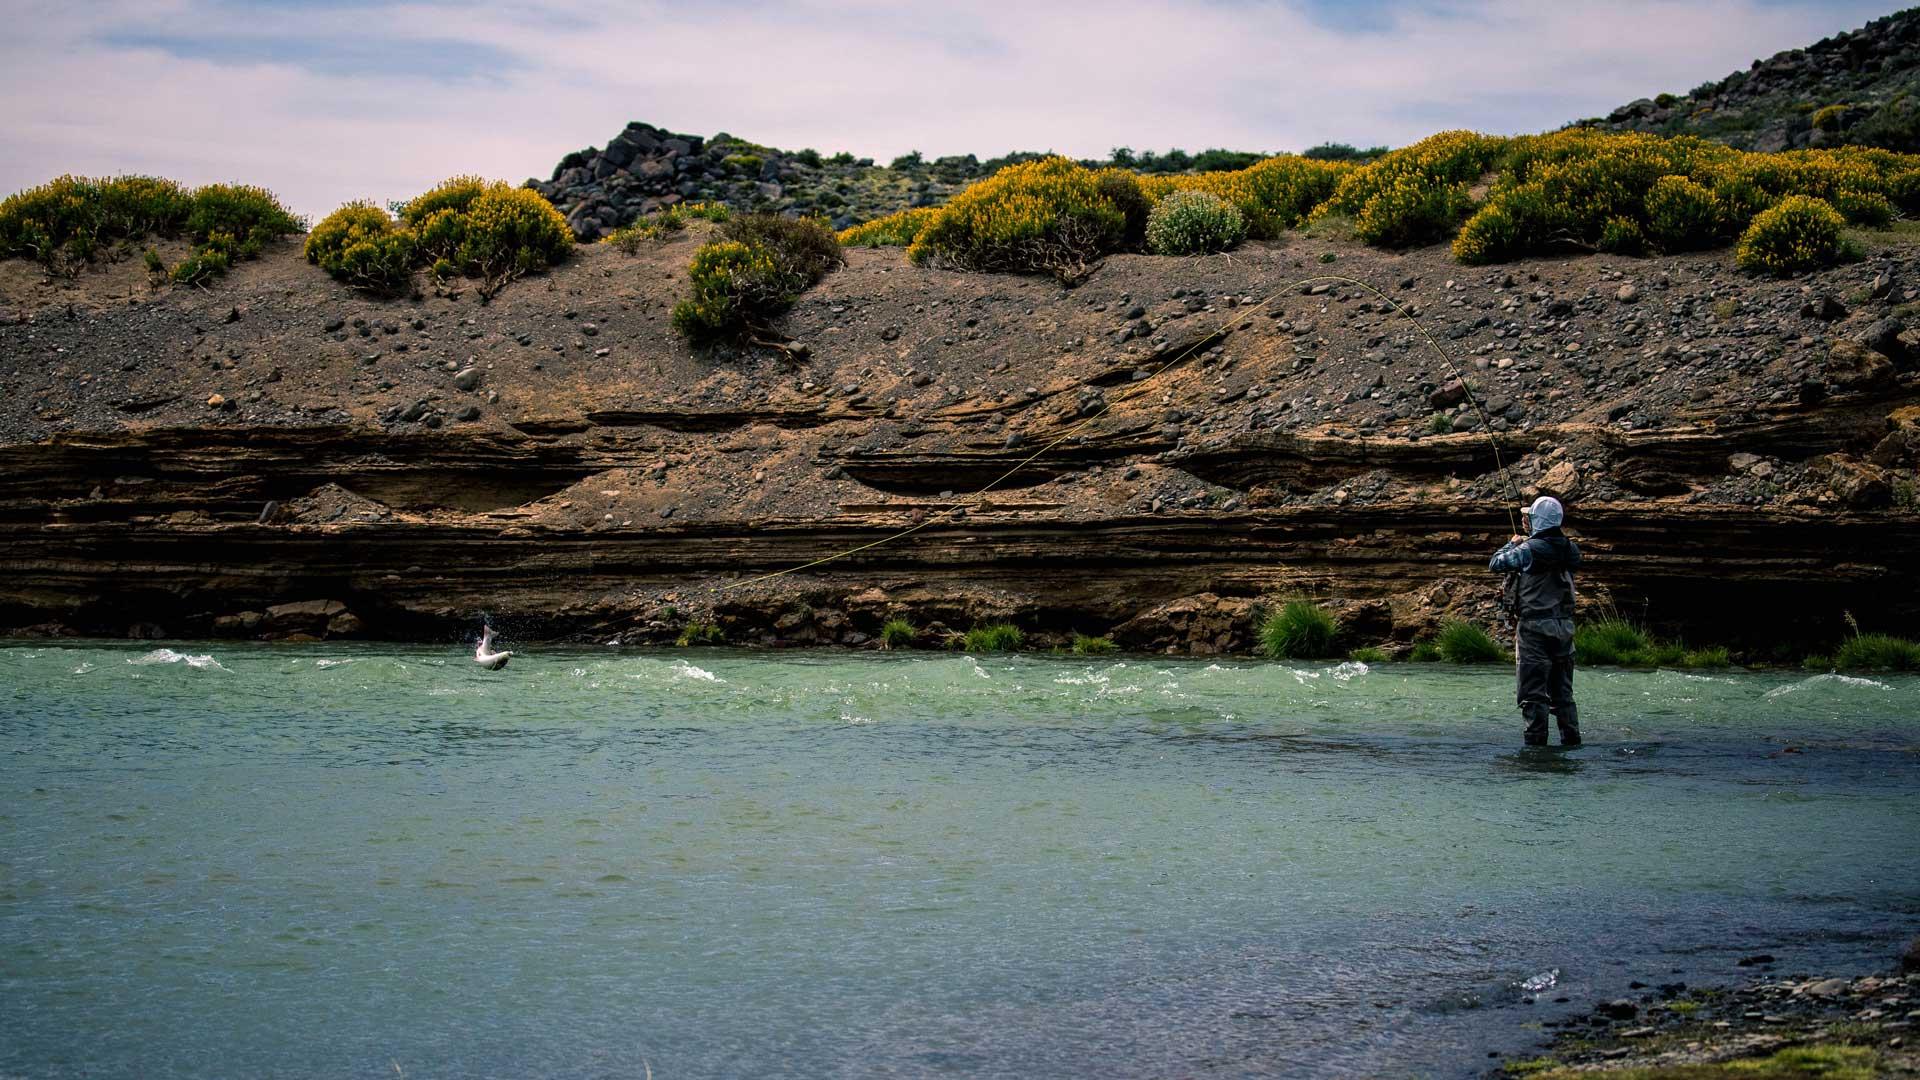 jurassic-lake-patagonia-05